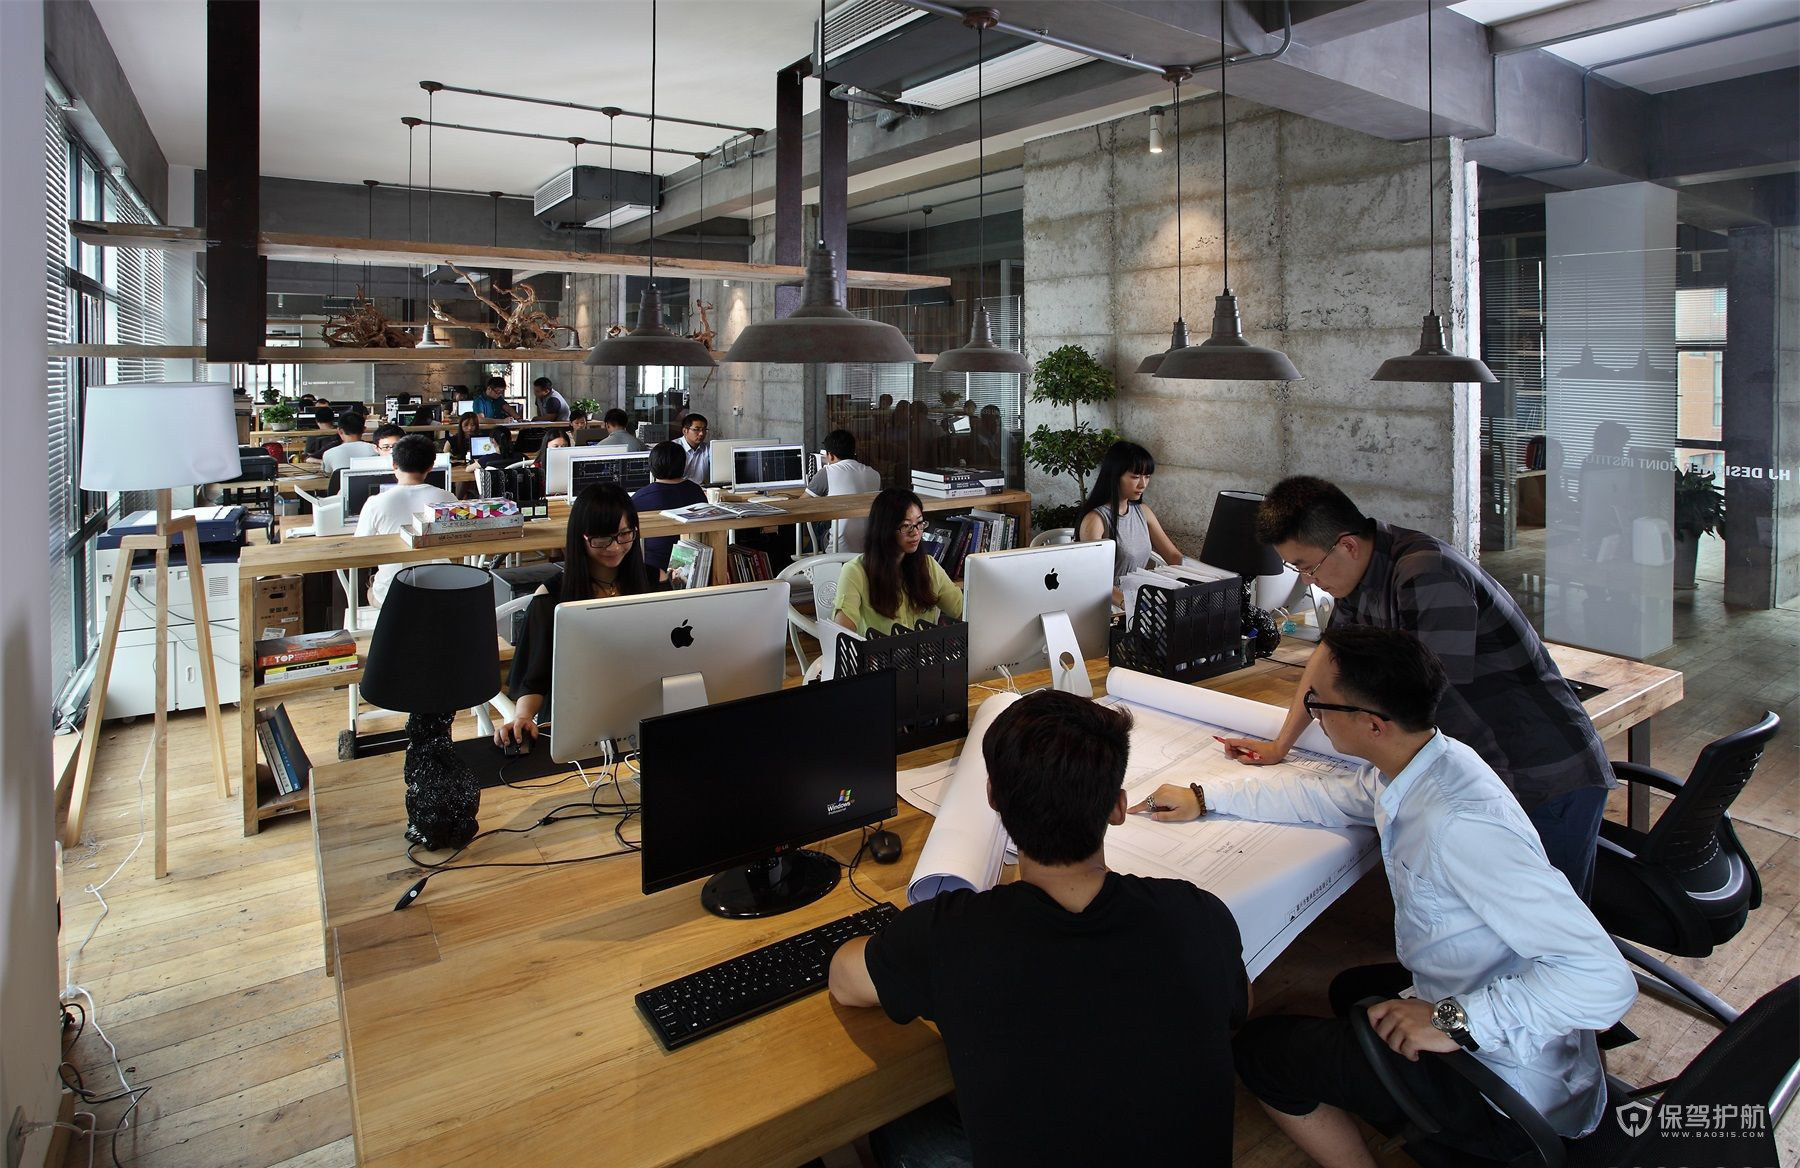 茶文化公司员工办公区域设计图